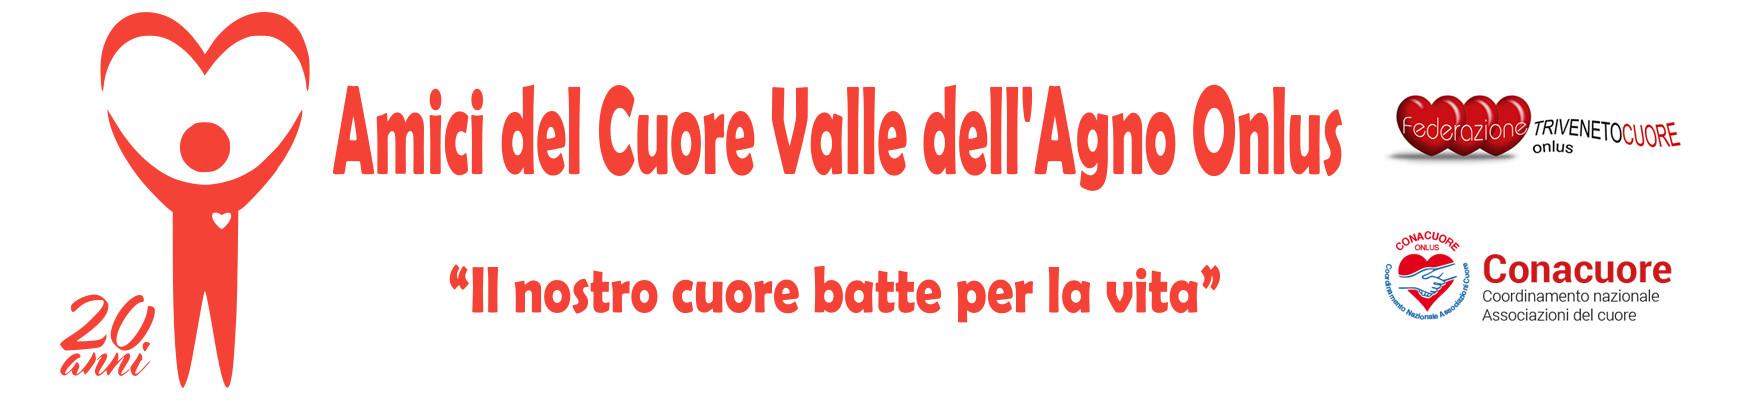 Associazione Amici del Cuore Valle dell'Agno (Valdagno) Onlus